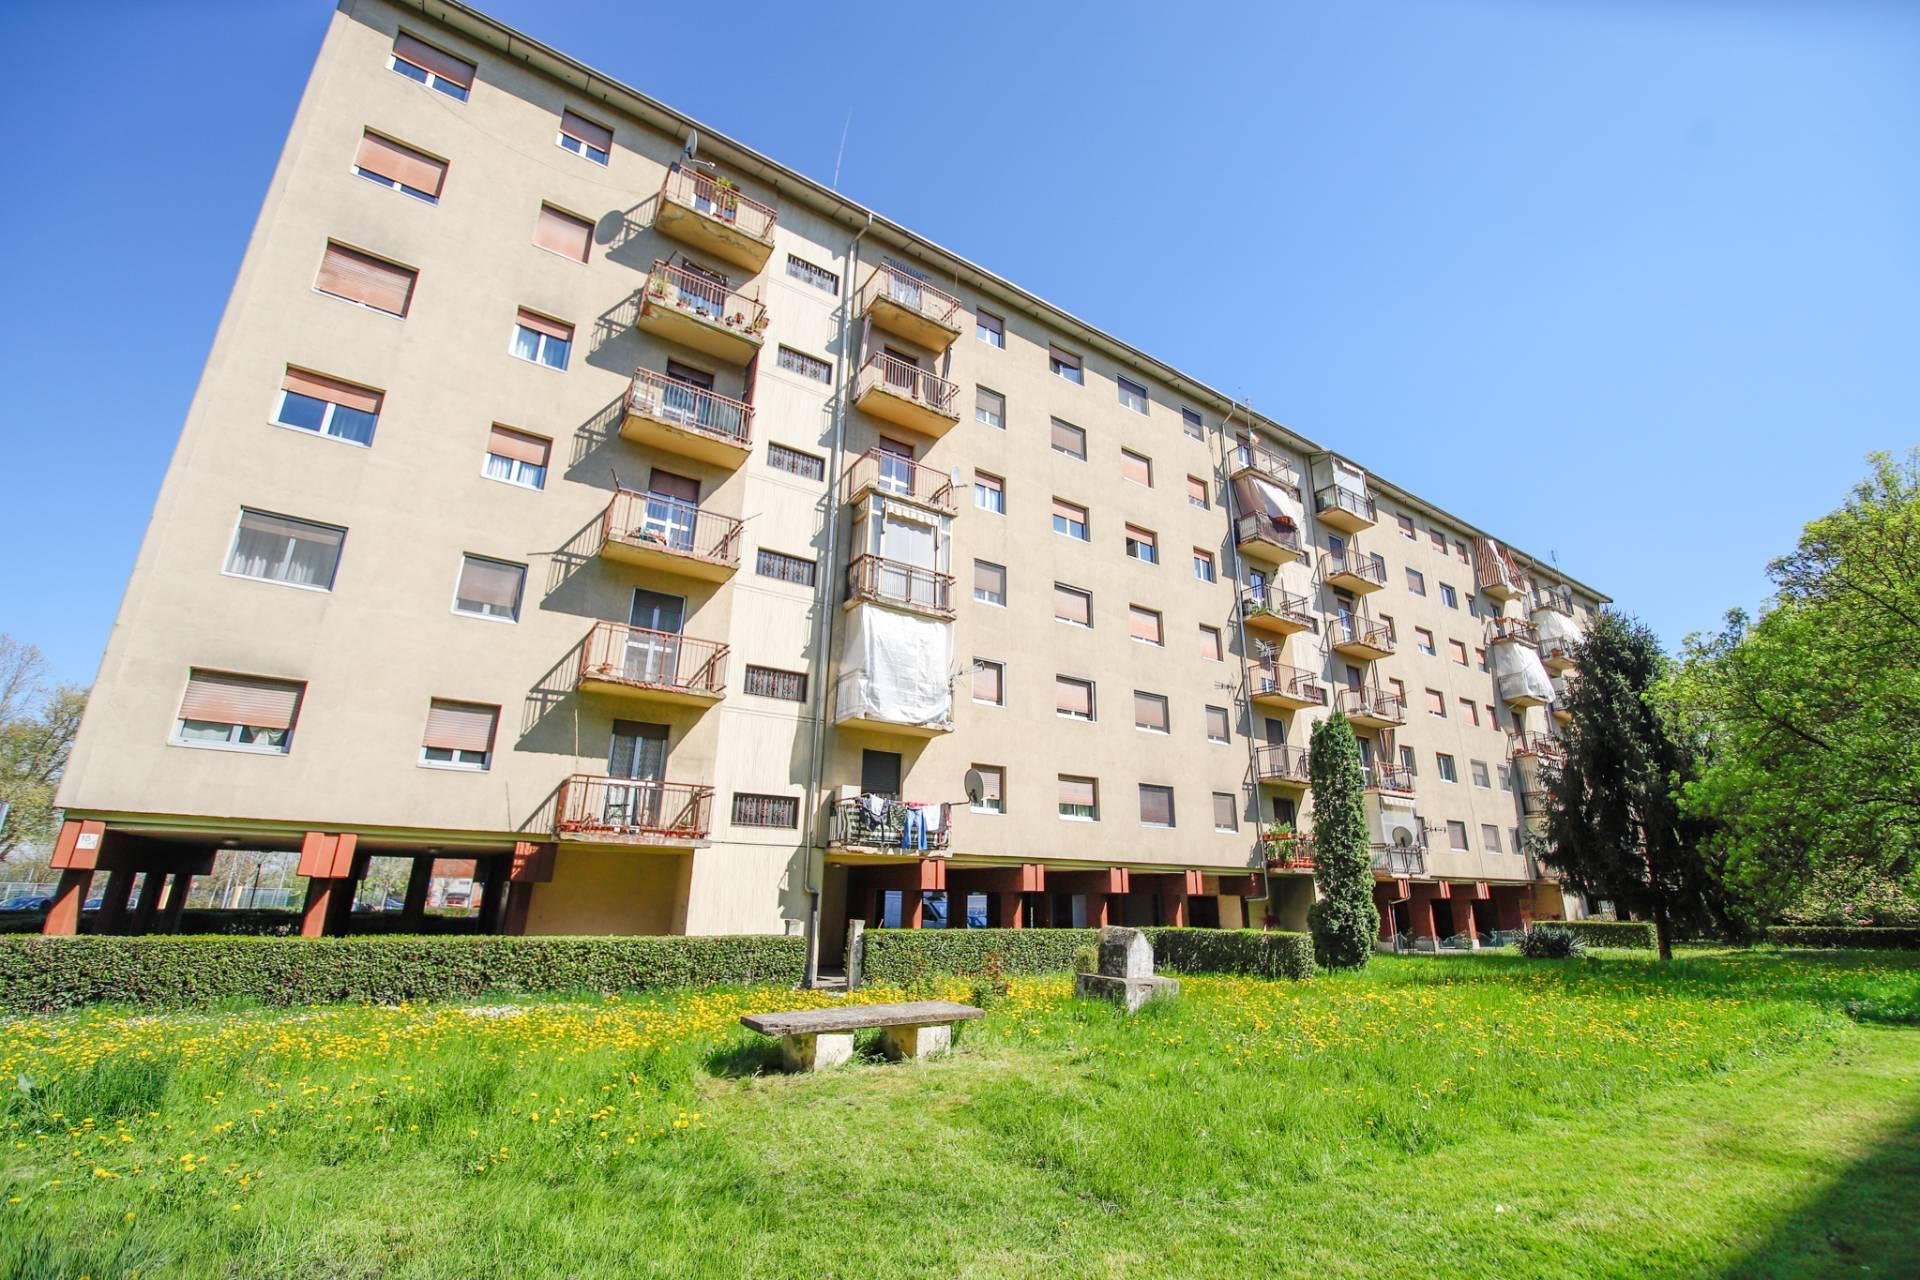 Appartamento in vendita a Venaria Reale, 5 locali, prezzo € 139.000 | CambioCasa.it